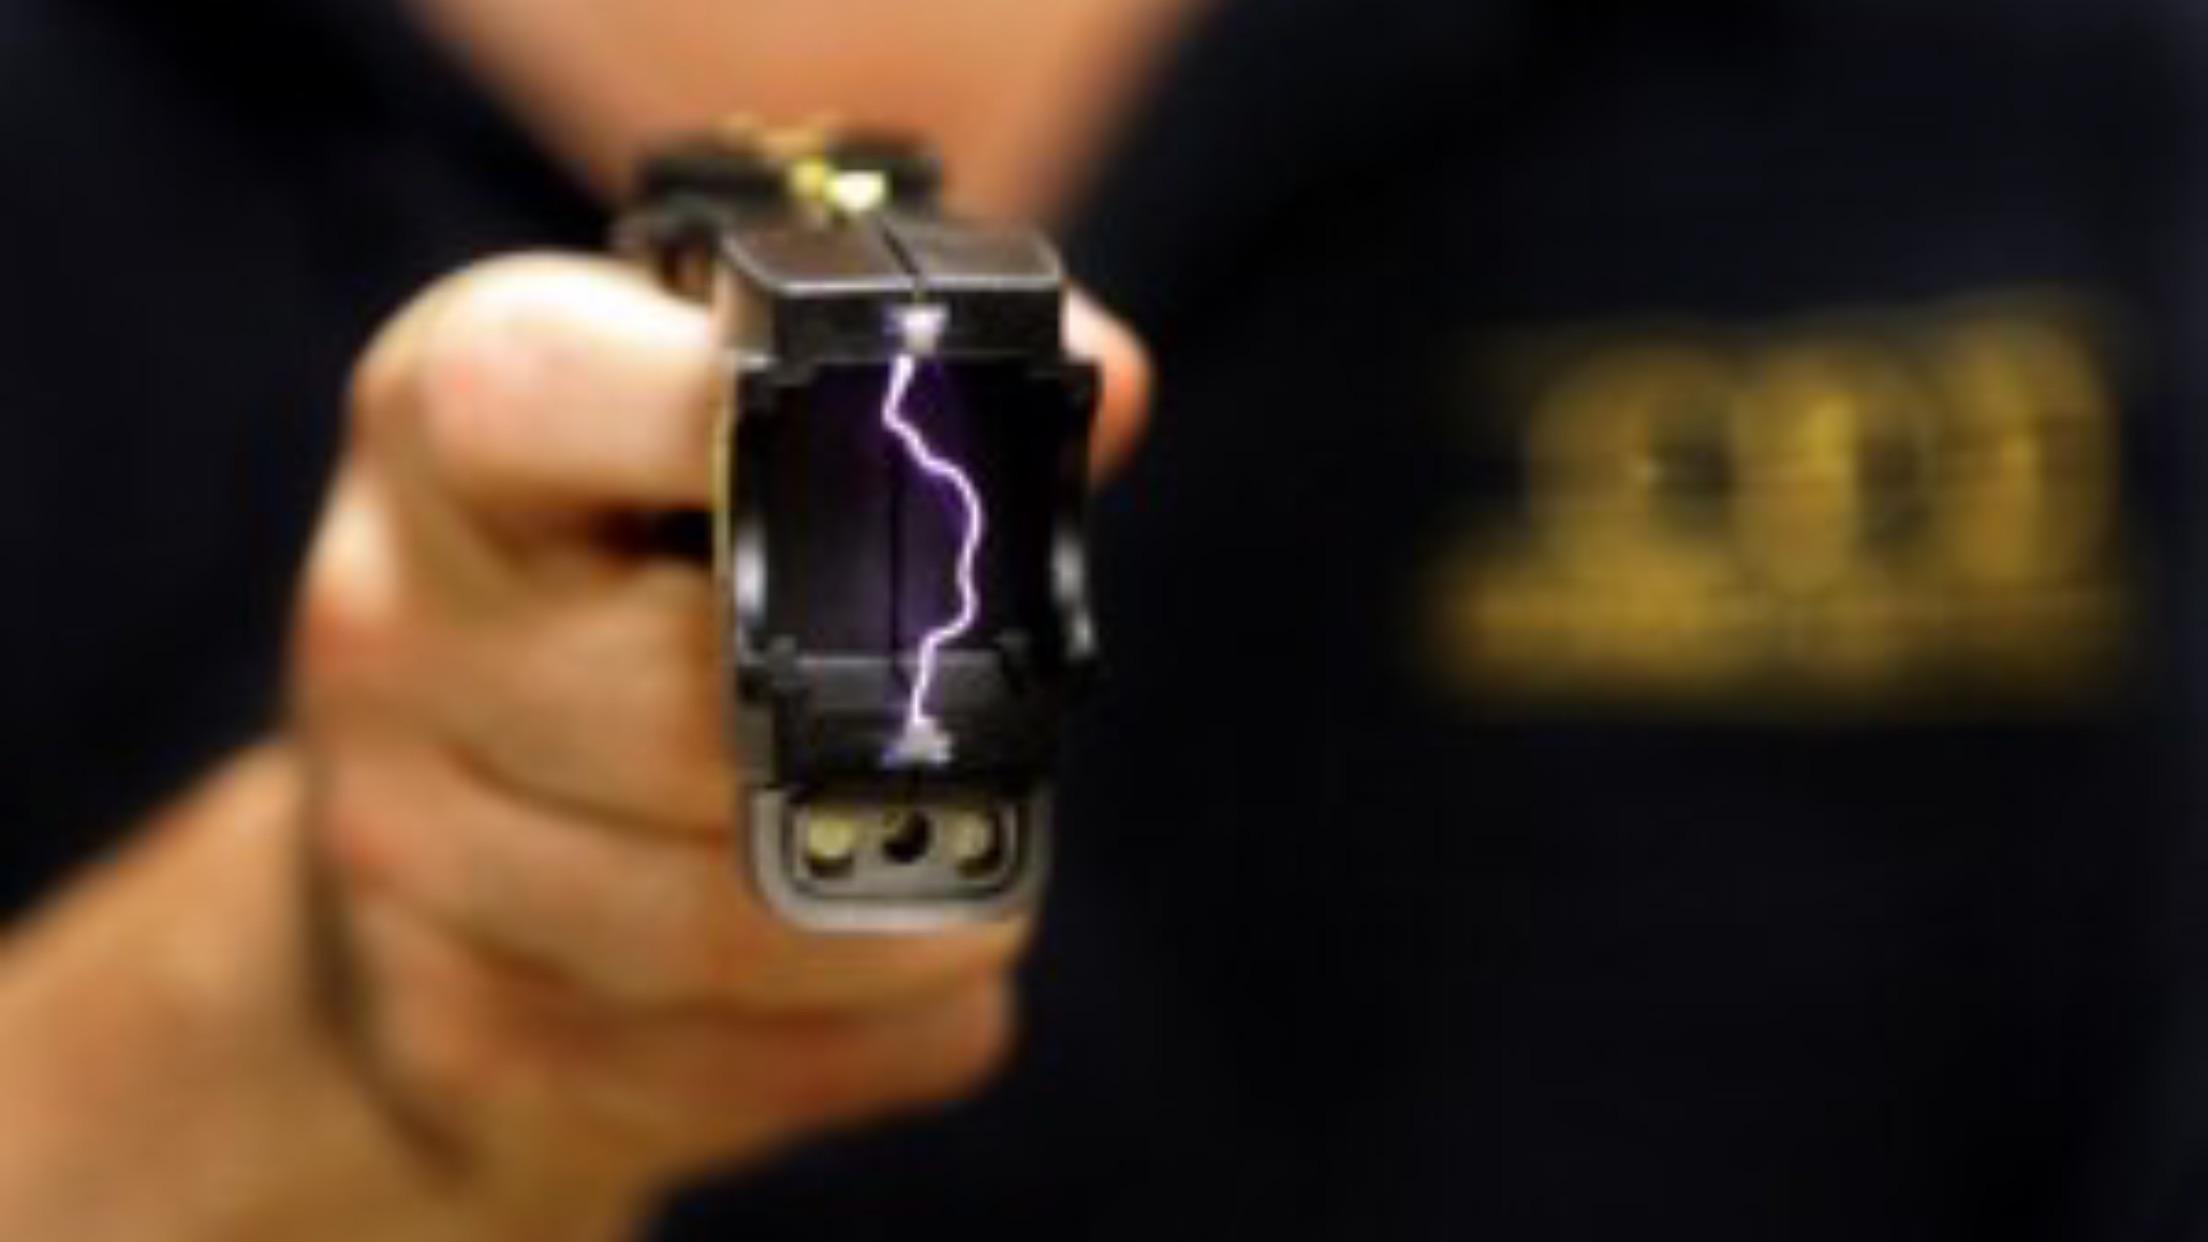 Le choqueur électrique est un appareil de défense en vente libre mais interdit aux mineurs (illustration)